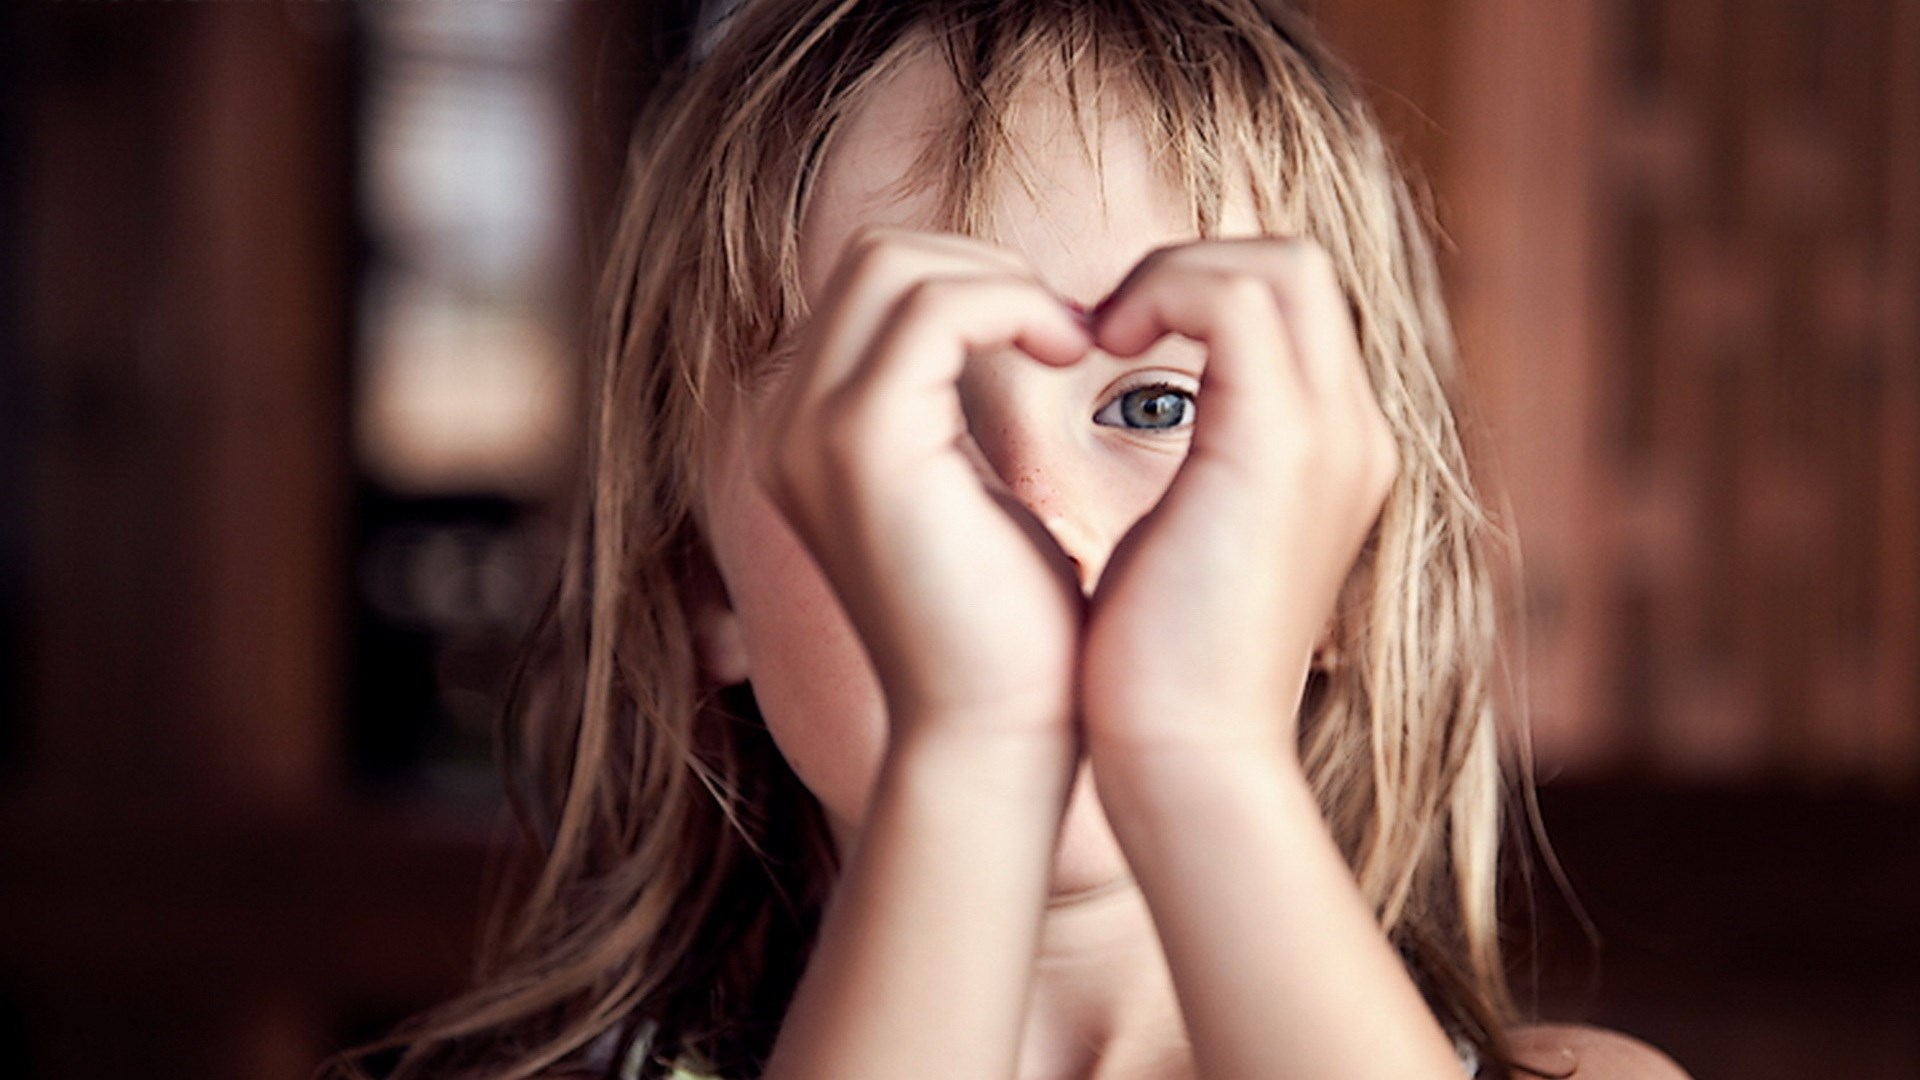 ребёнок сердце, девочка показывает сердце